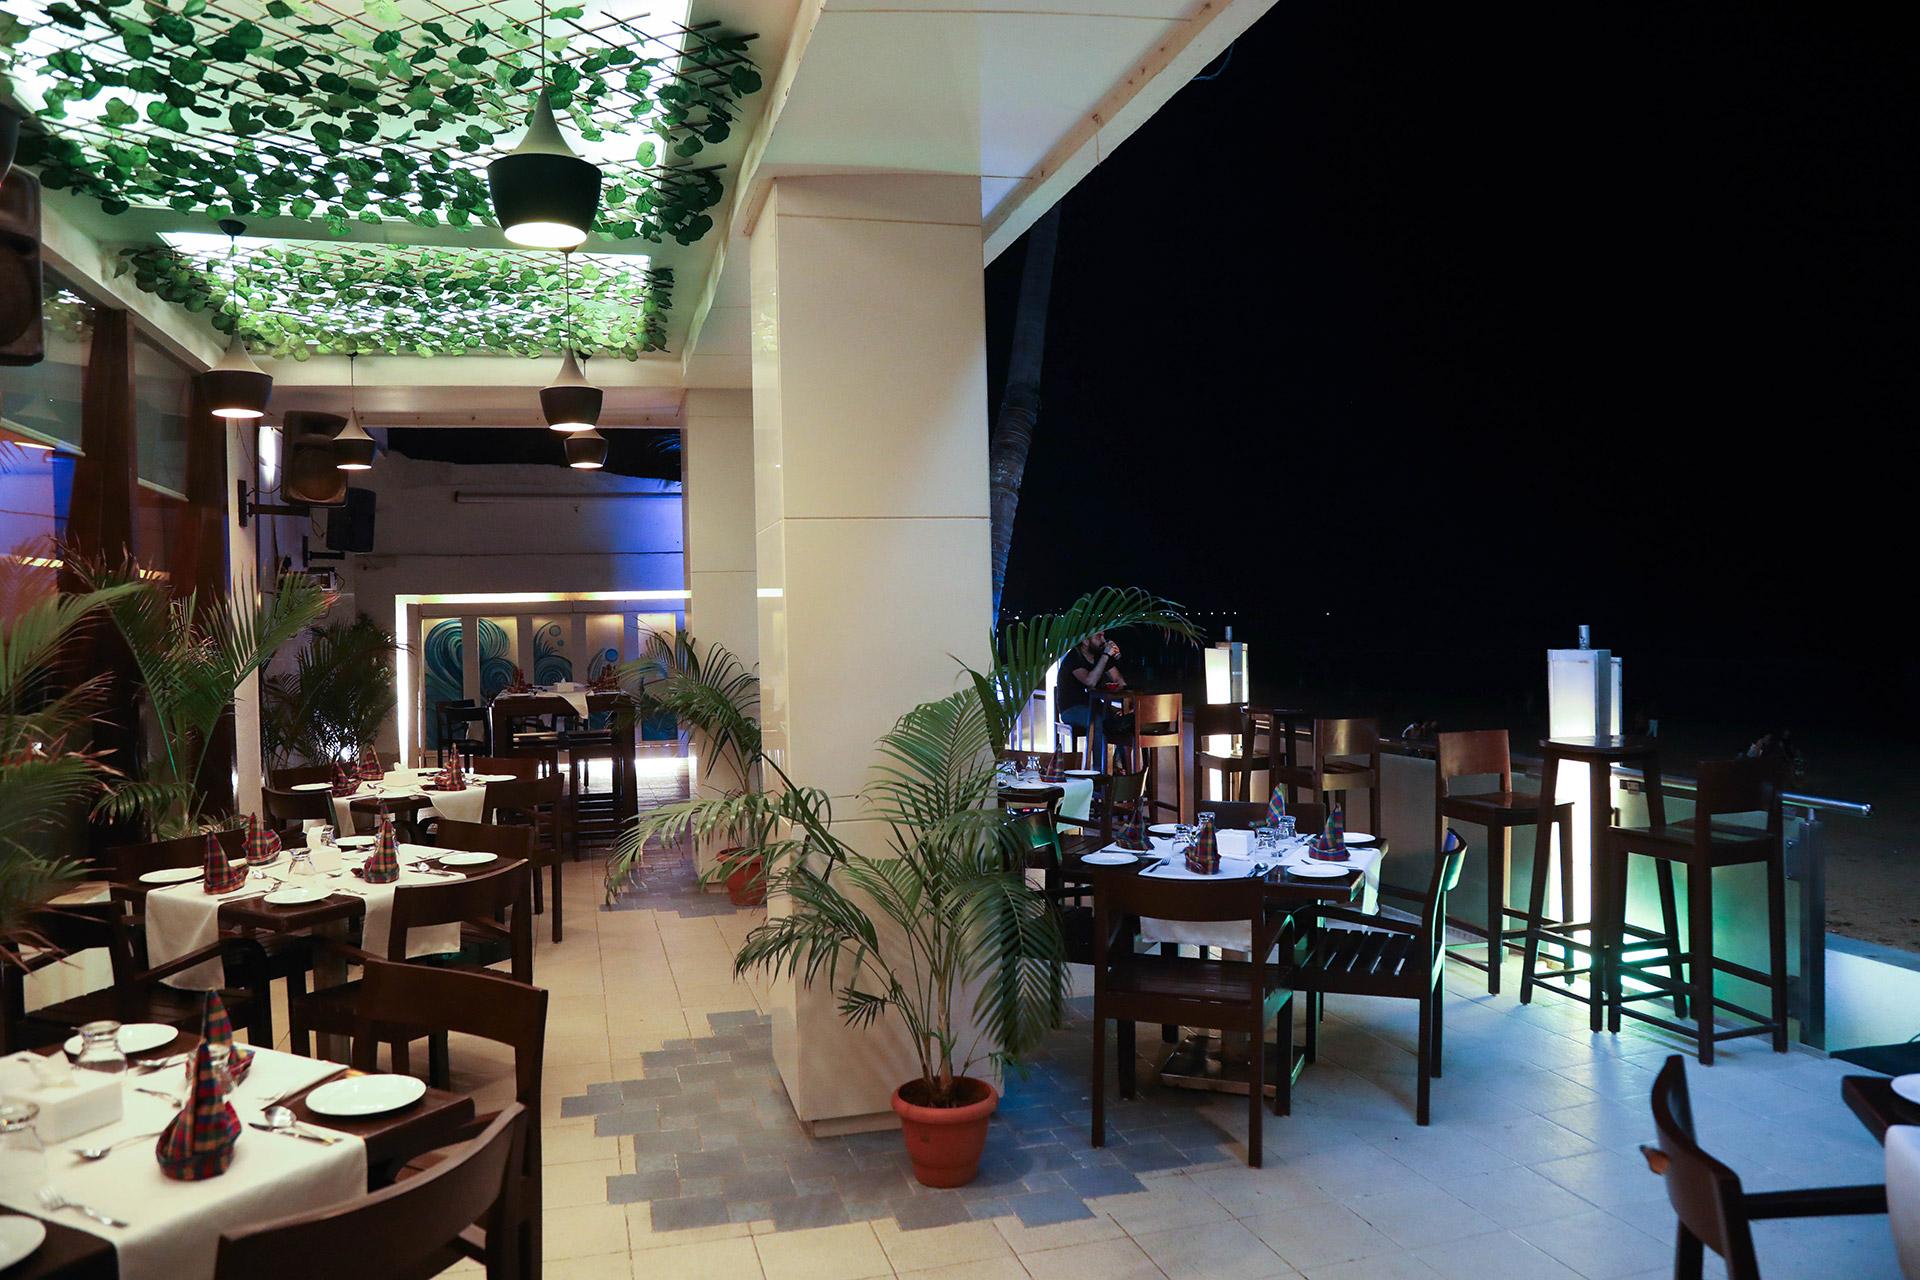 Etonnant Sea Side Patio U2013 Beach Facing Open Air Restaurant U0026 Bar U2013 Citizen Hotel  Mumbai